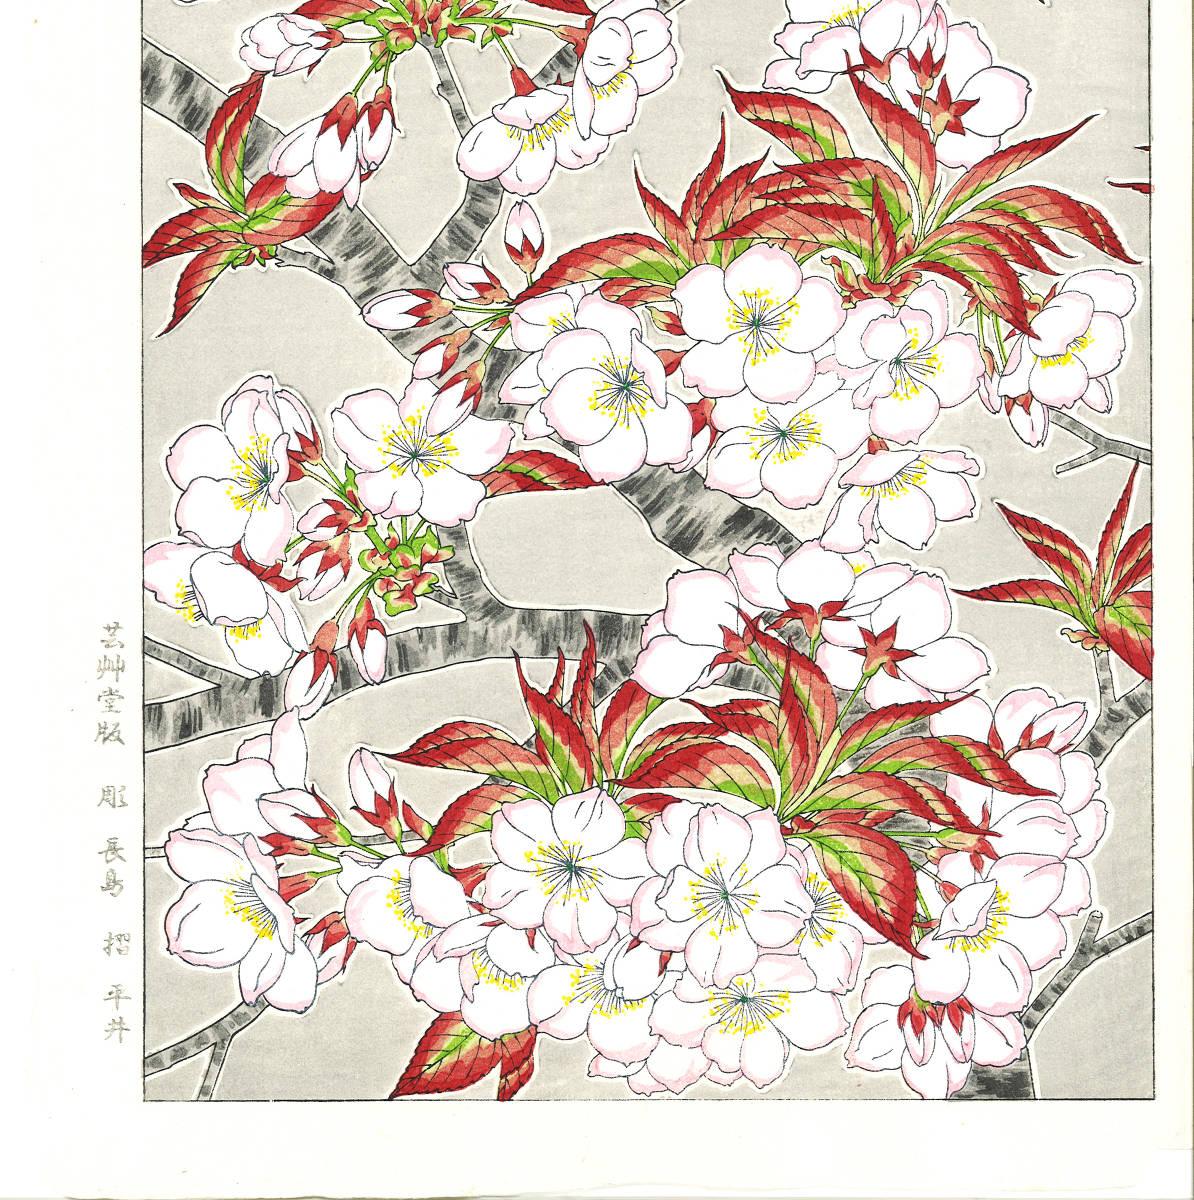 河原崎奨堂 (Kawarazaki Shodo) (1899~1973) 木版画 F020 桜 花版画 (cherry) 初版昭和初期~ 京都の一流の摺師の技をご堪能下さい。_画像5